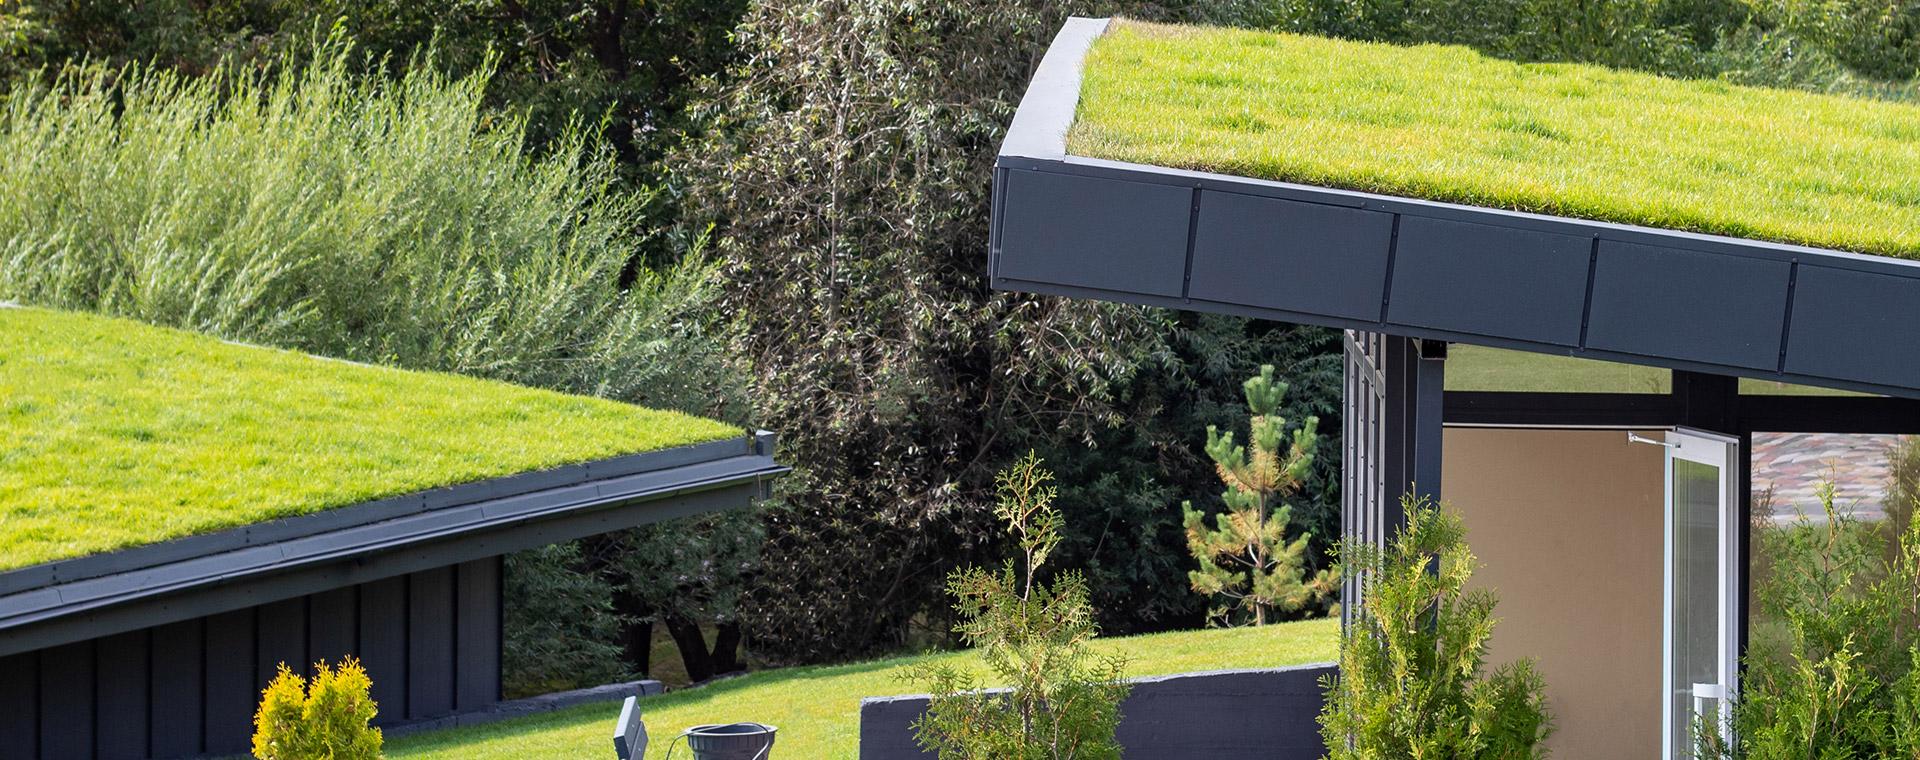 Zelené střechy: Proč jsou výhodné a jak získat dotace?